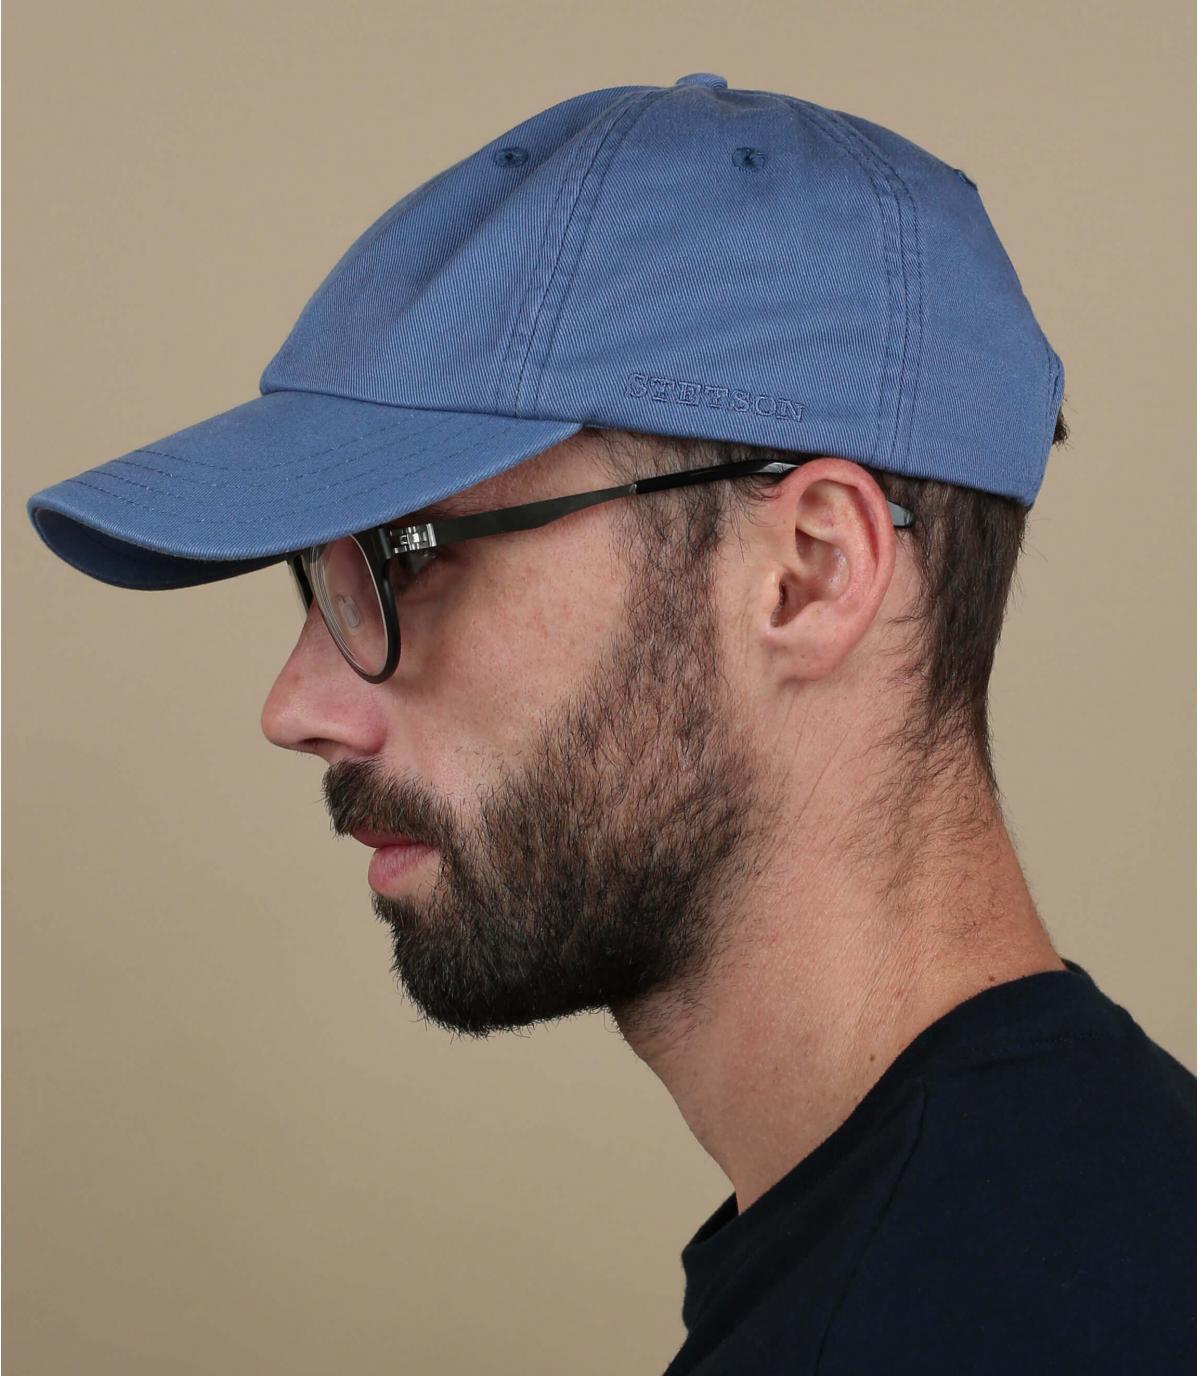 Casquette baseball Stetson bleu